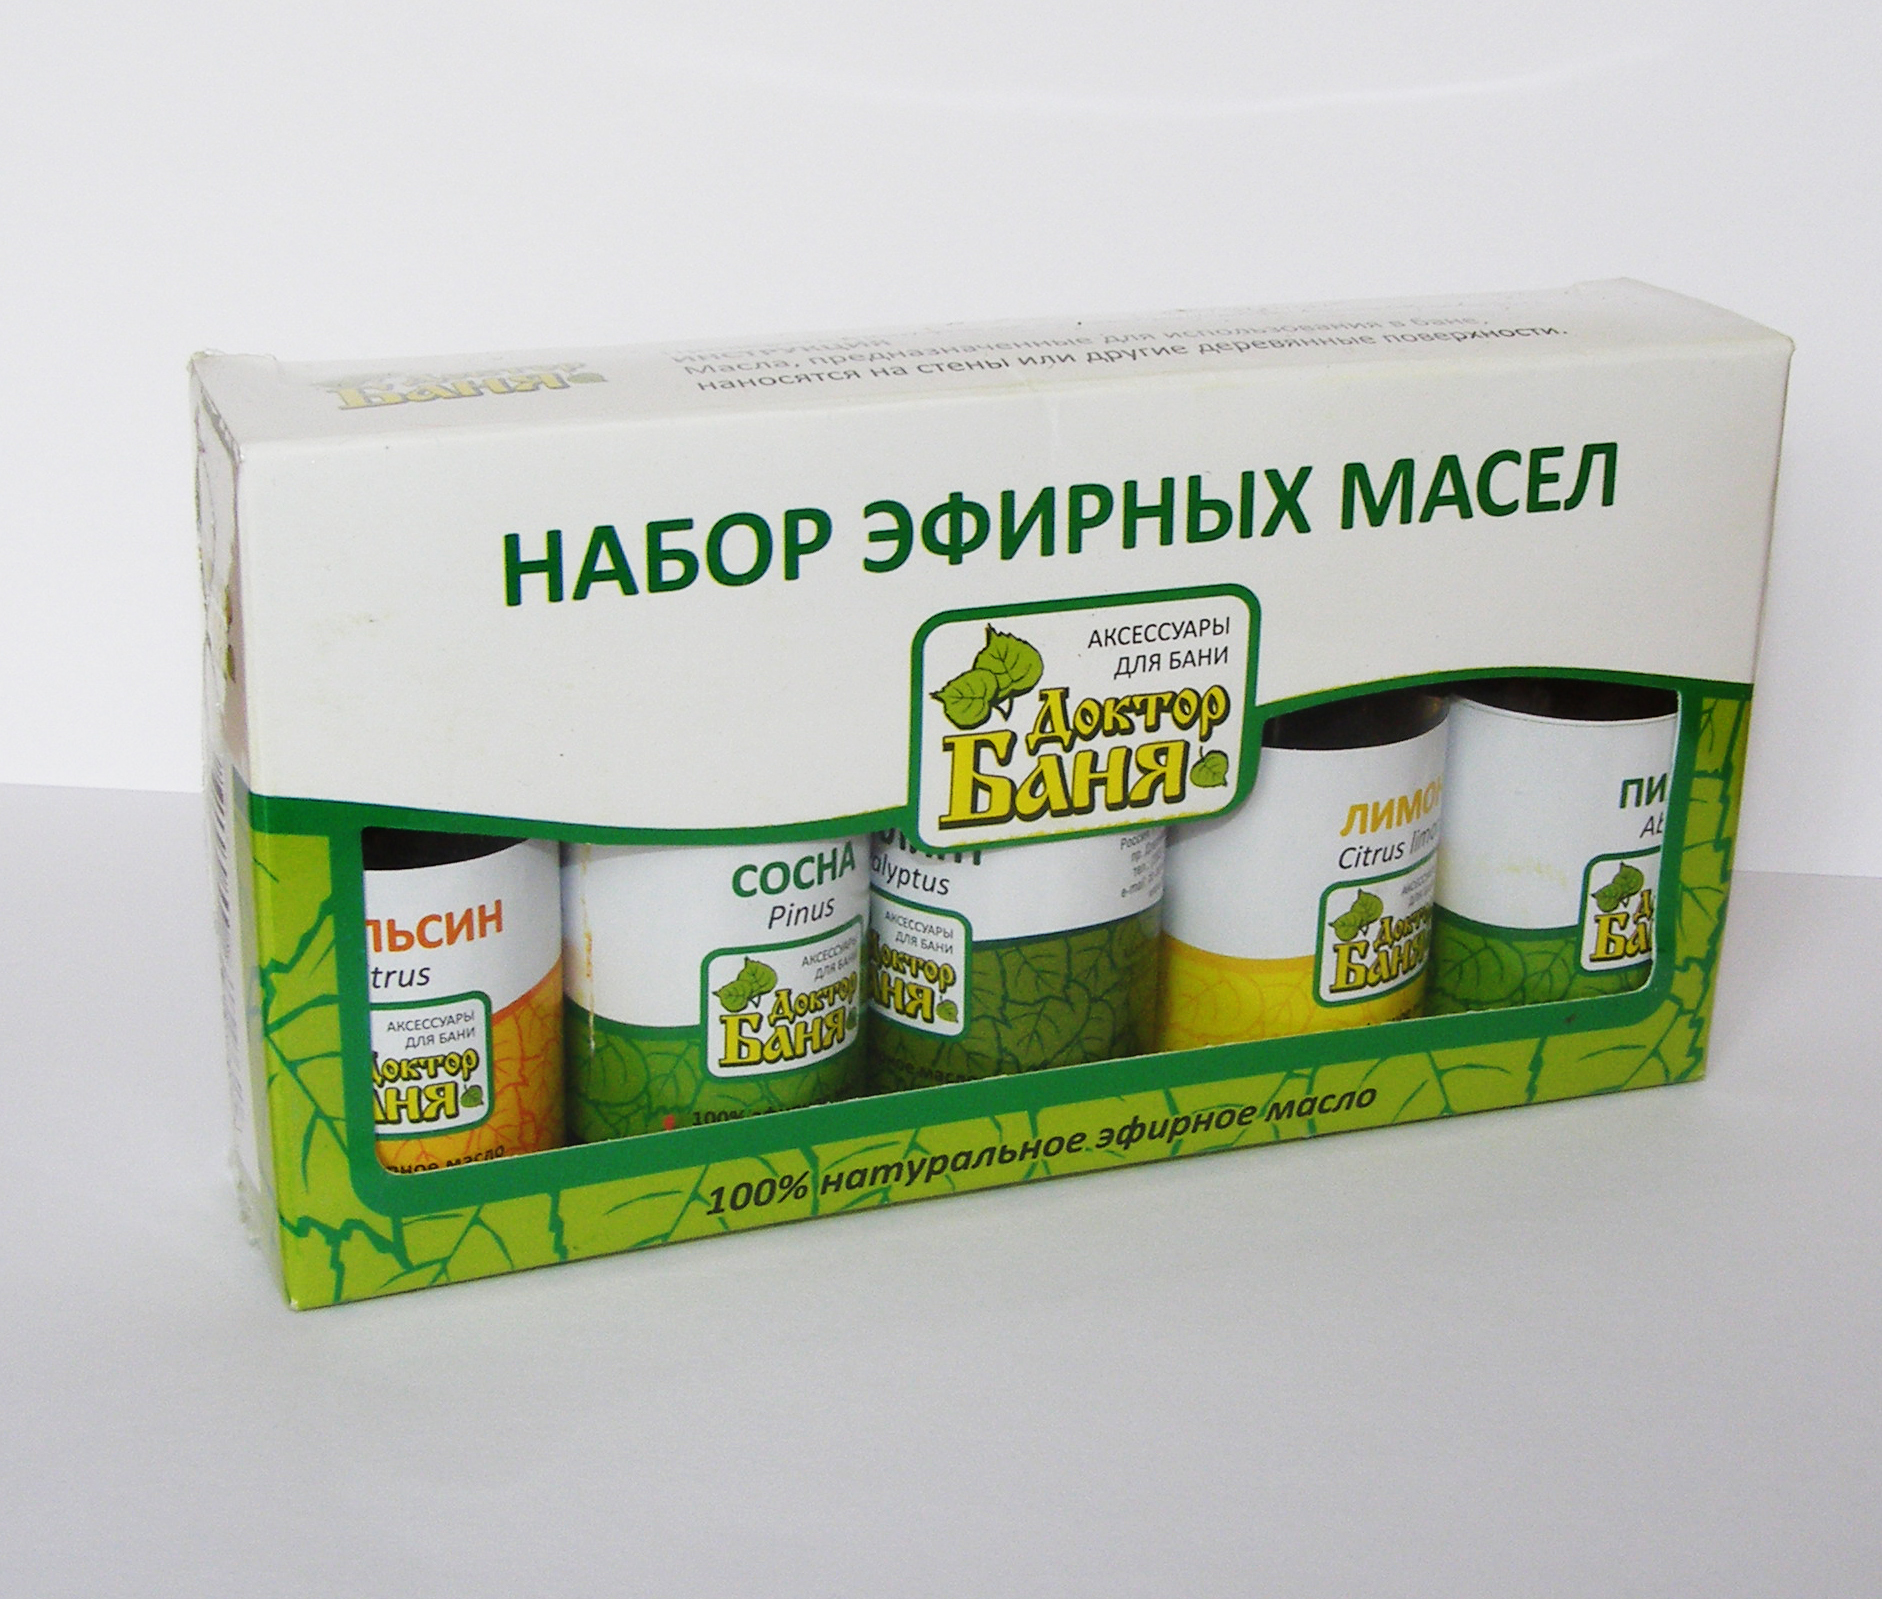 Набор эфирных масел в коробочке (5 шт.)